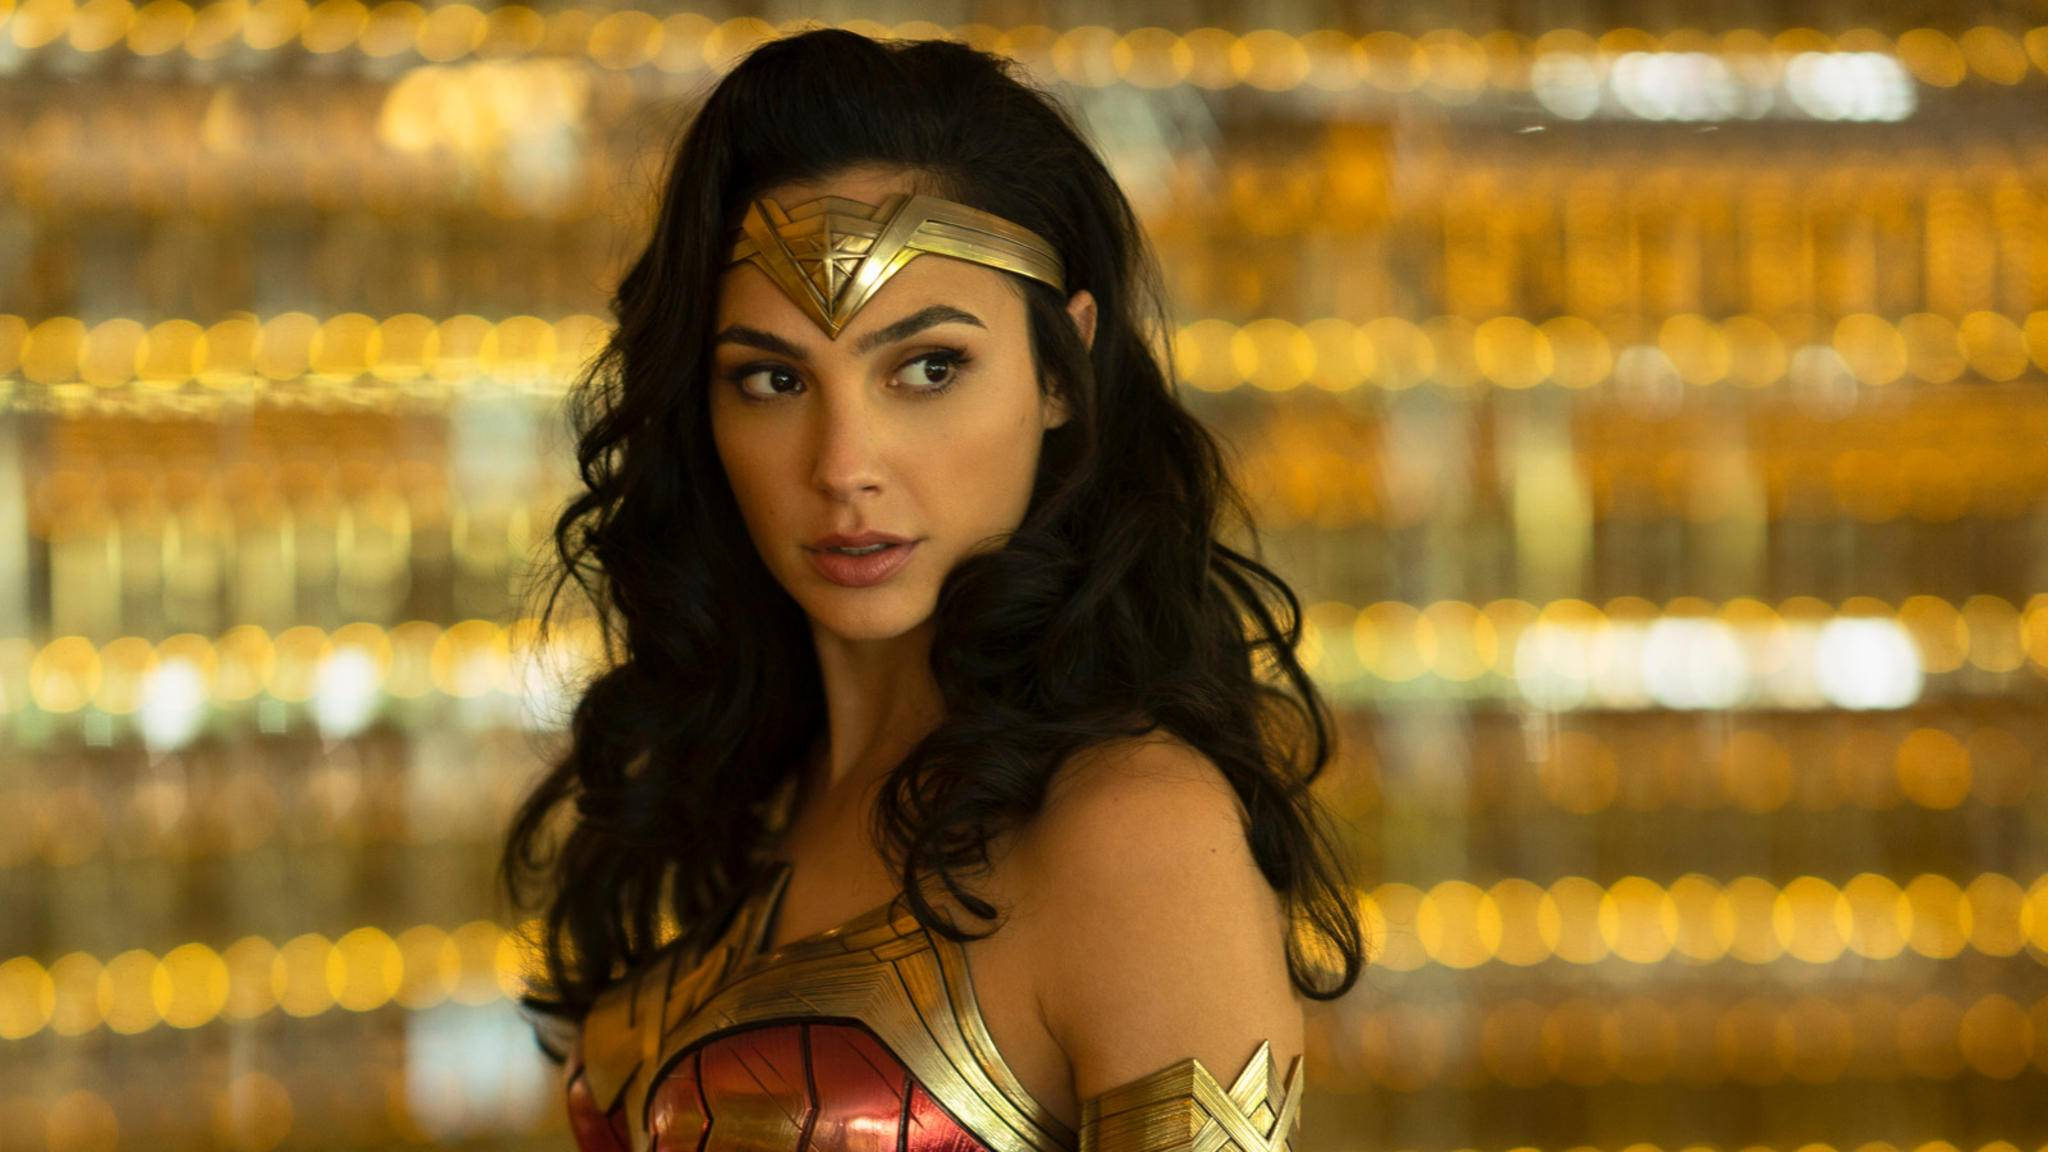 Bewiesene Tatsache: Starke Ladys sind im Film echtes Box-Office-Gold wert.